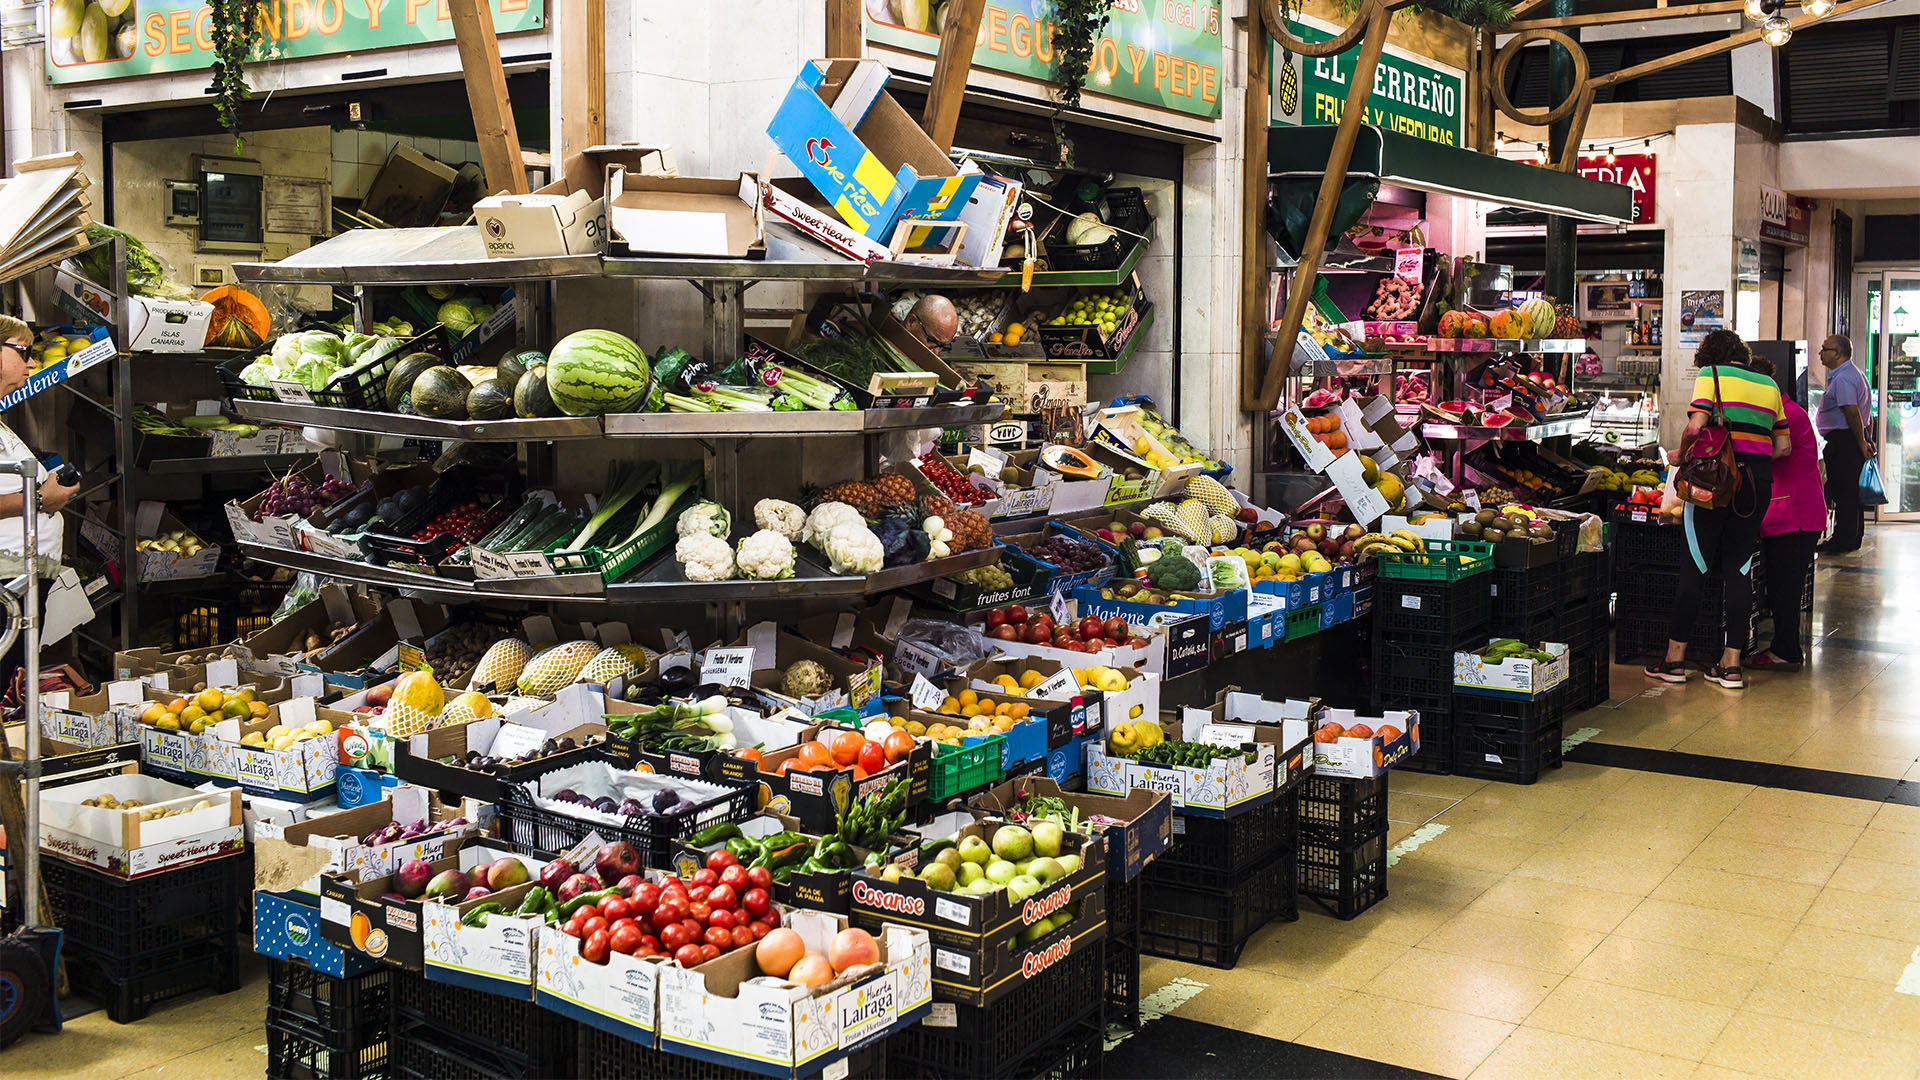 Mercado del Puerto Las Palmas de Gran Canaria.